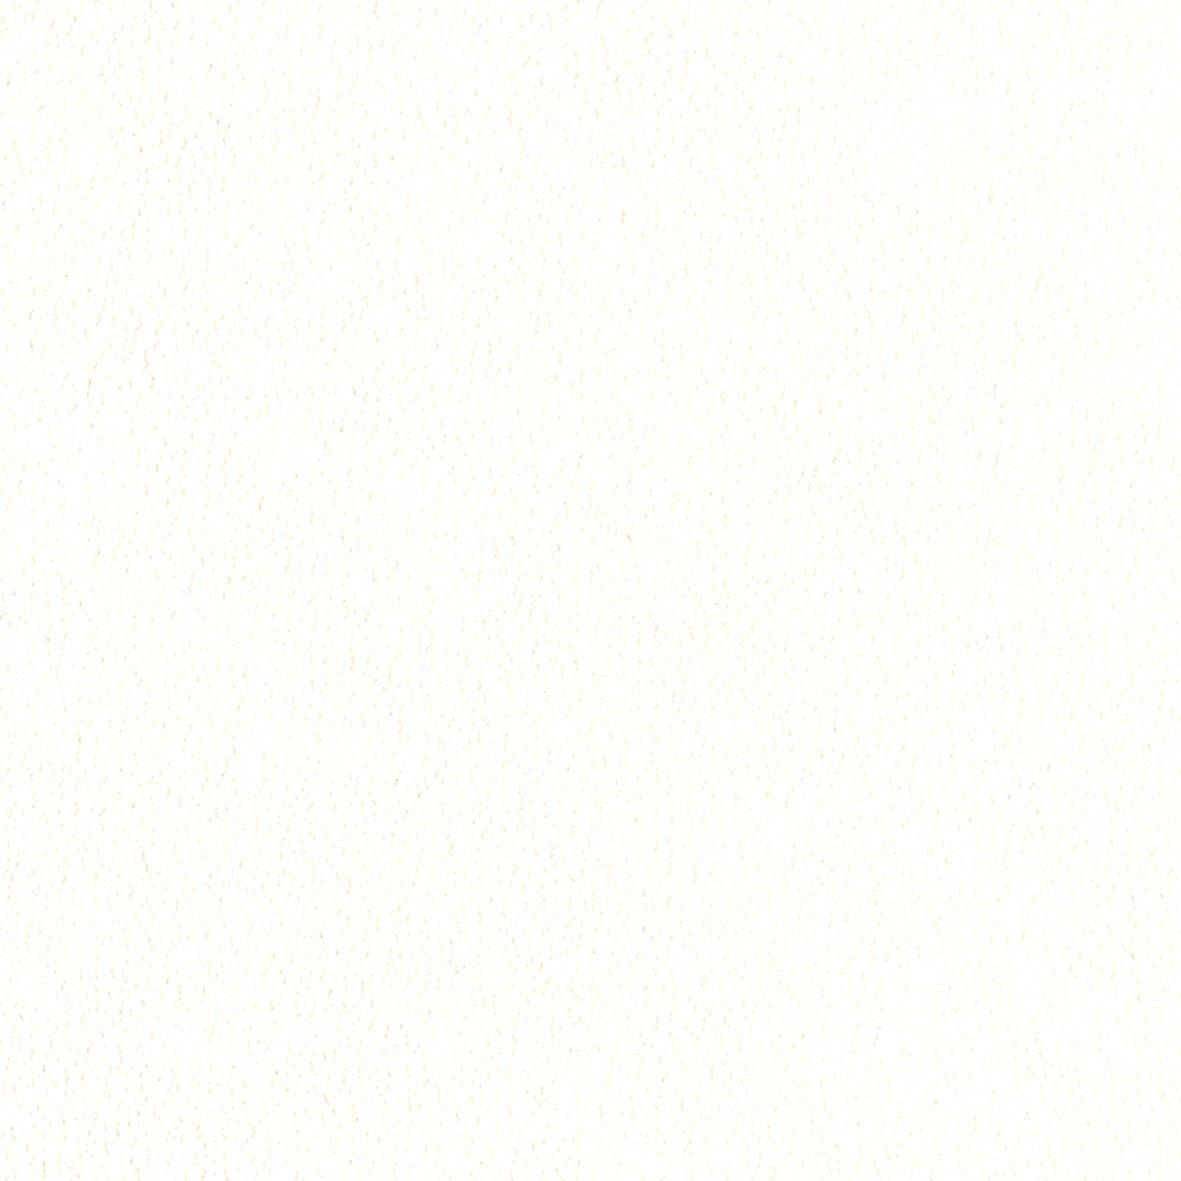 リリカラ 壁紙19m フェミニン 石目調 イエロー カラーバリエーション LV-6172 B01IHO2UXK 19m|イエロー